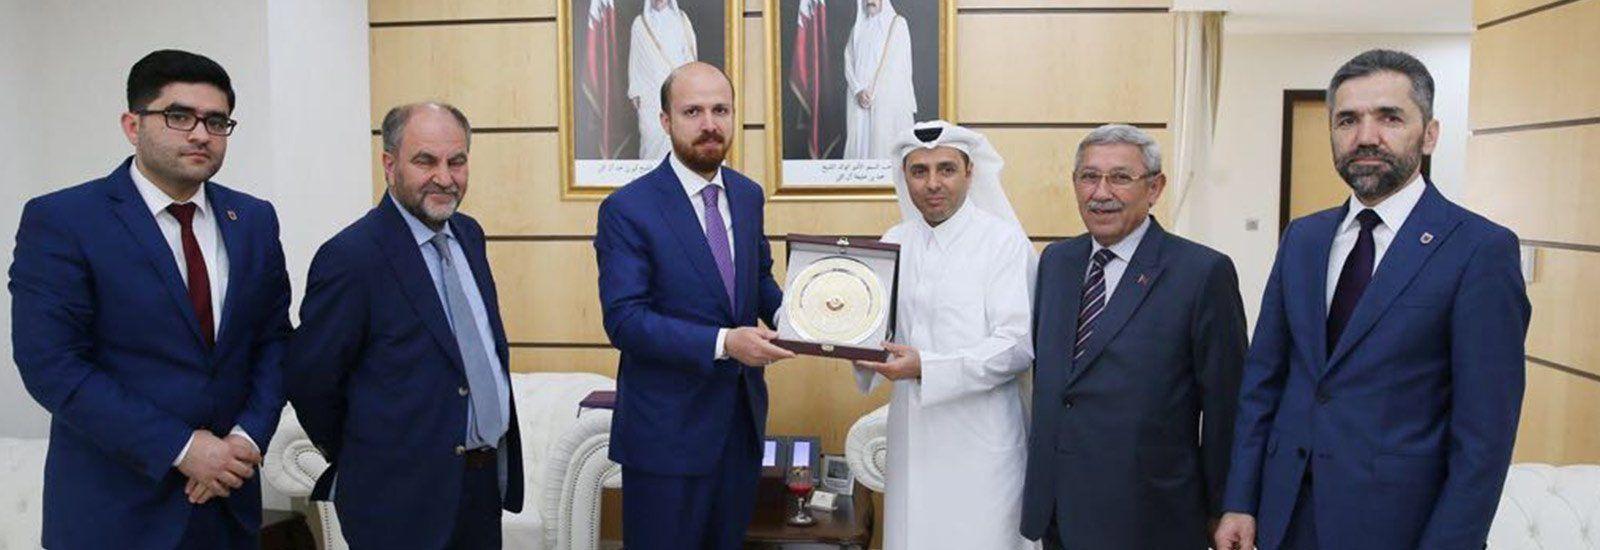 RT @ibnhalduni: Üniversitemiz ile Katar Üniversitesi ve Doha Institute arasında iş birliği https://t.co/AesicxHh3S #ibnhaldun https://t.co/JoLABURUrZ